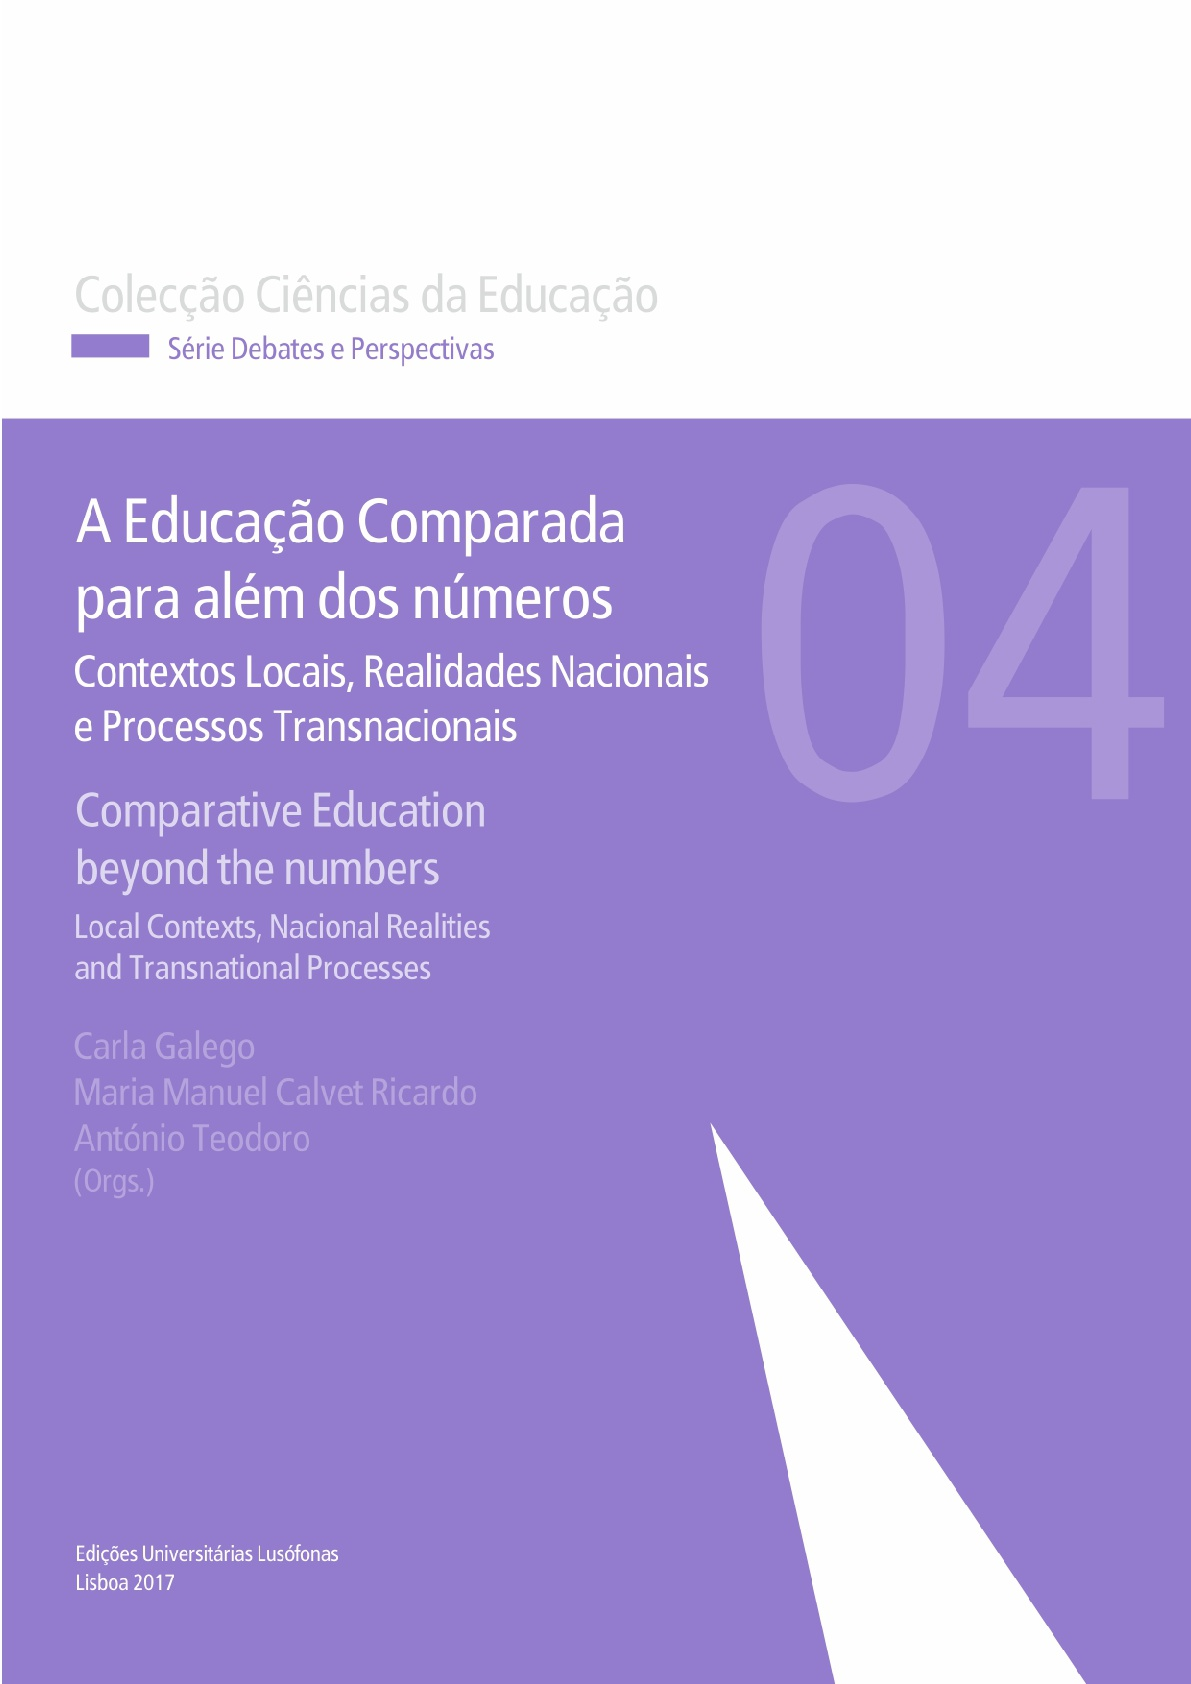 Capa - A Educação Comparada para além dos números: contextos locais, realidades nacionais, processos transnacionais